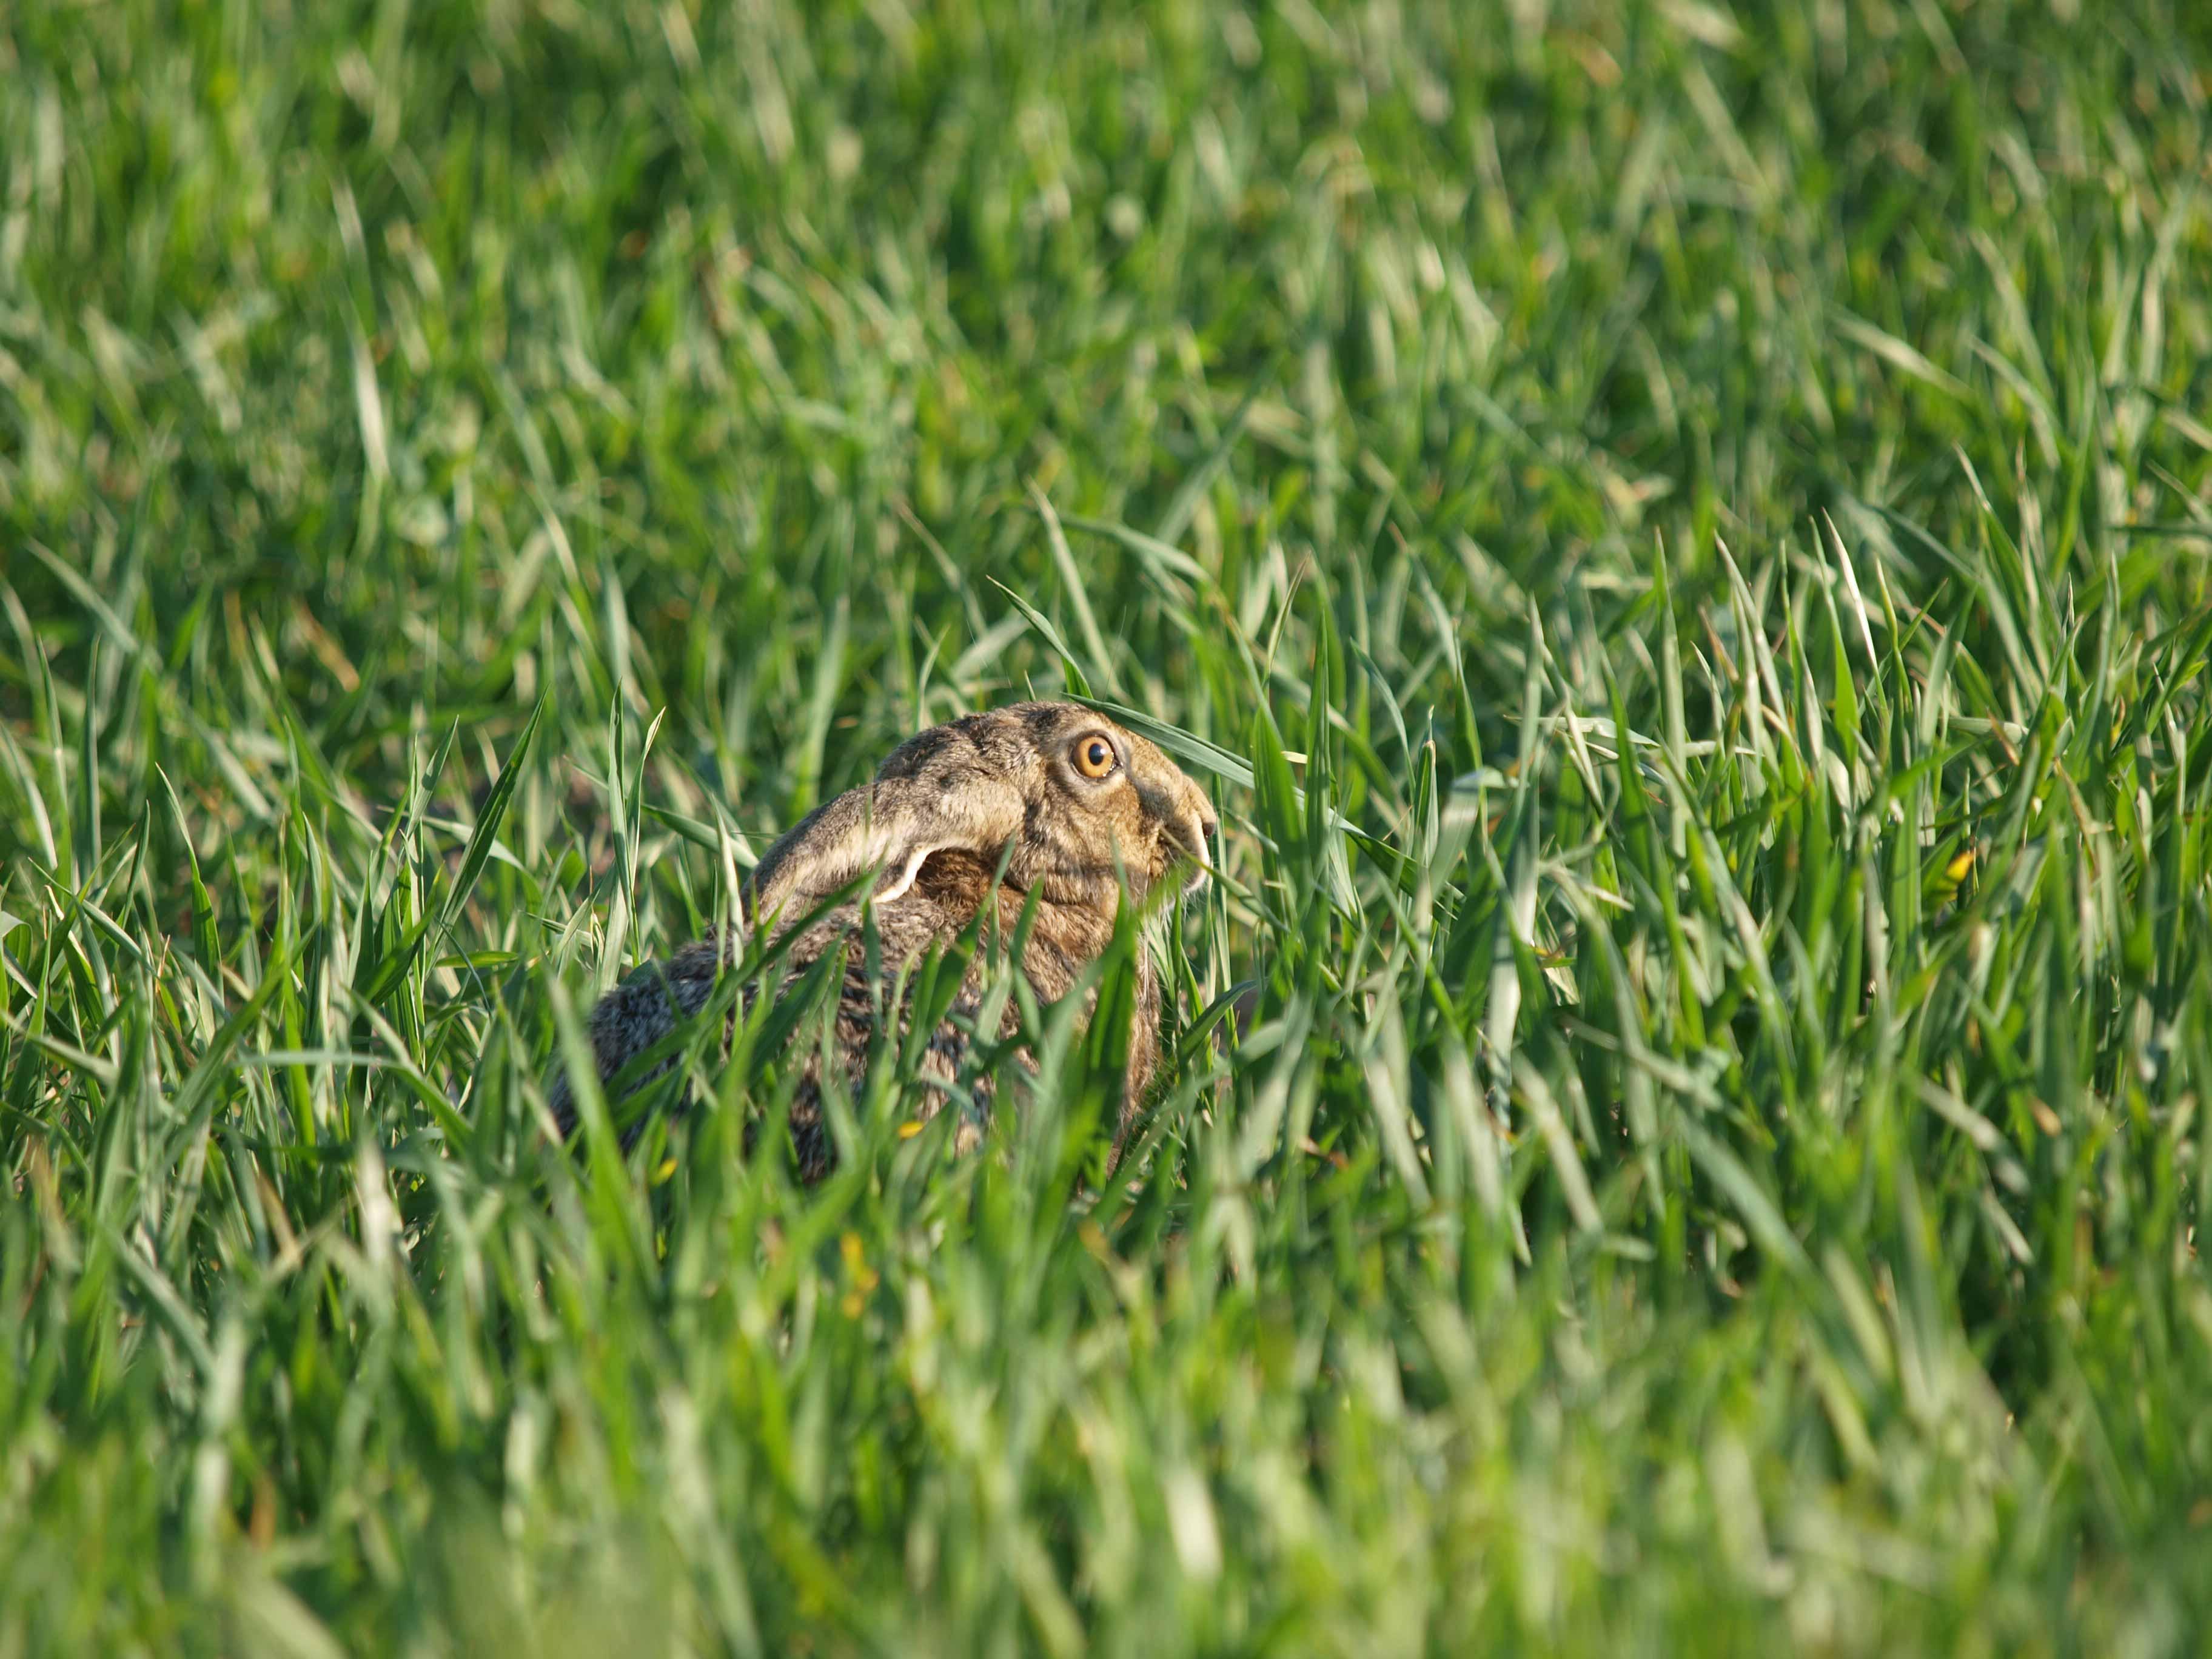 Seit Jahren rauscht das Niederwild in Richtung rote Liste. Doch die Hasen geben Hoffnung: Dieses Jahr ist der Hasenbesatz zum Vorjahr gestiegen.